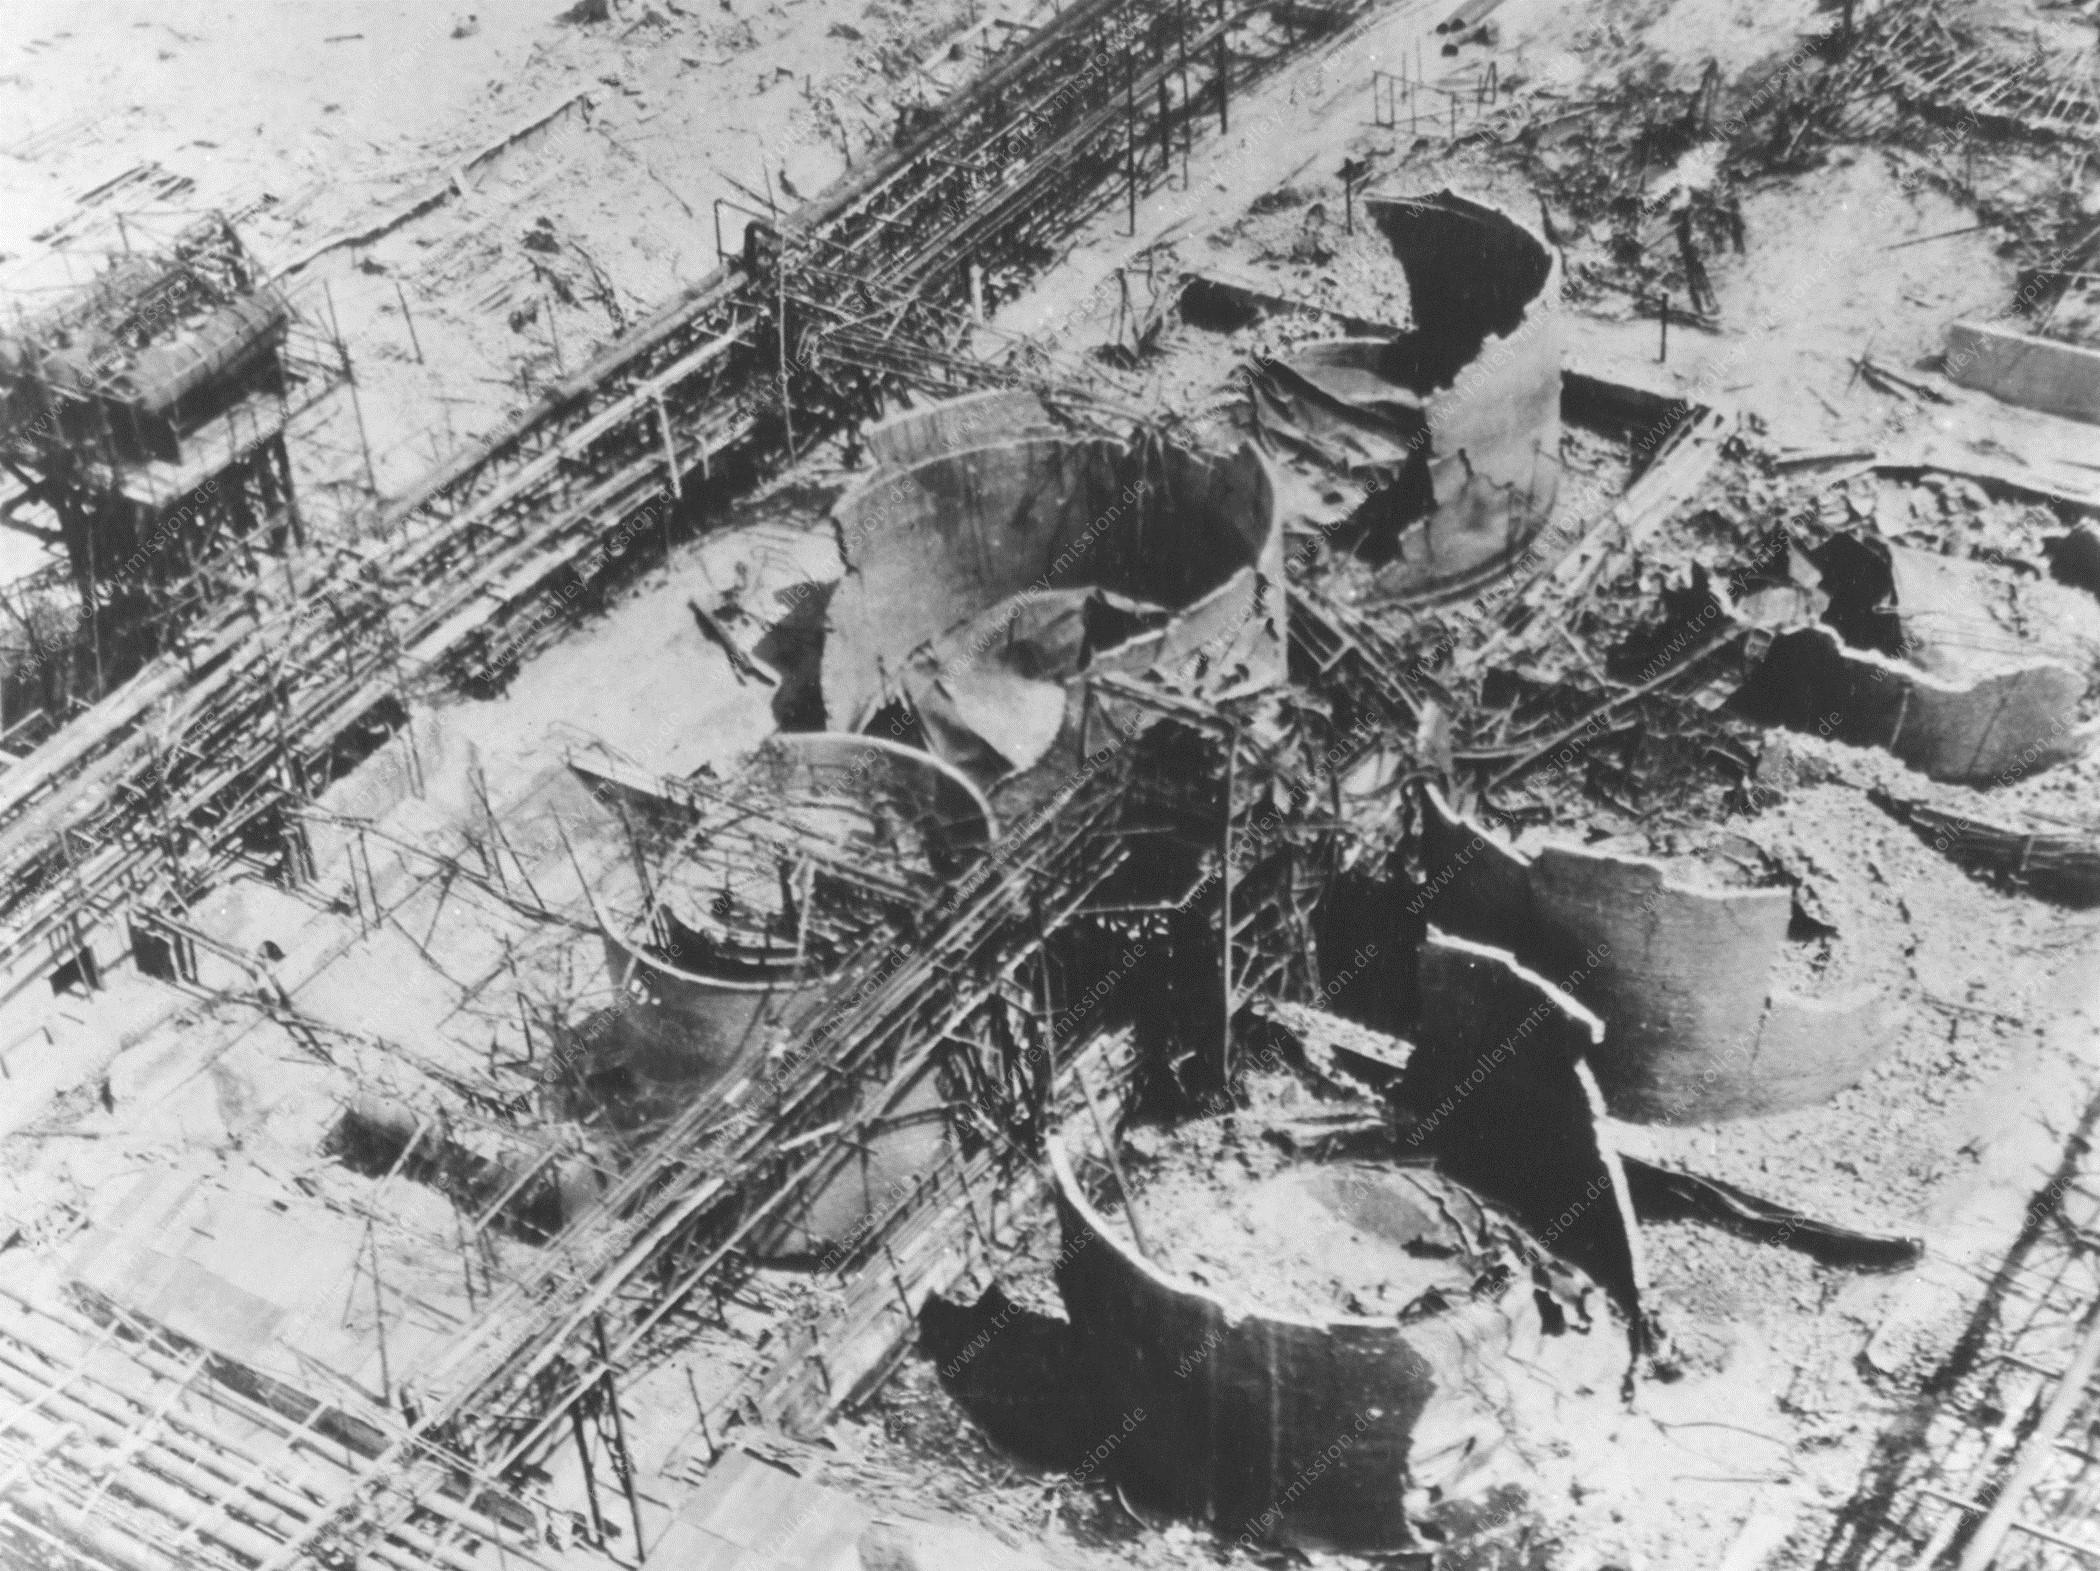 Bottrop - Unbekannte Luftaufnahme aus dem Zweiten Weltkrieg (USASC-56)